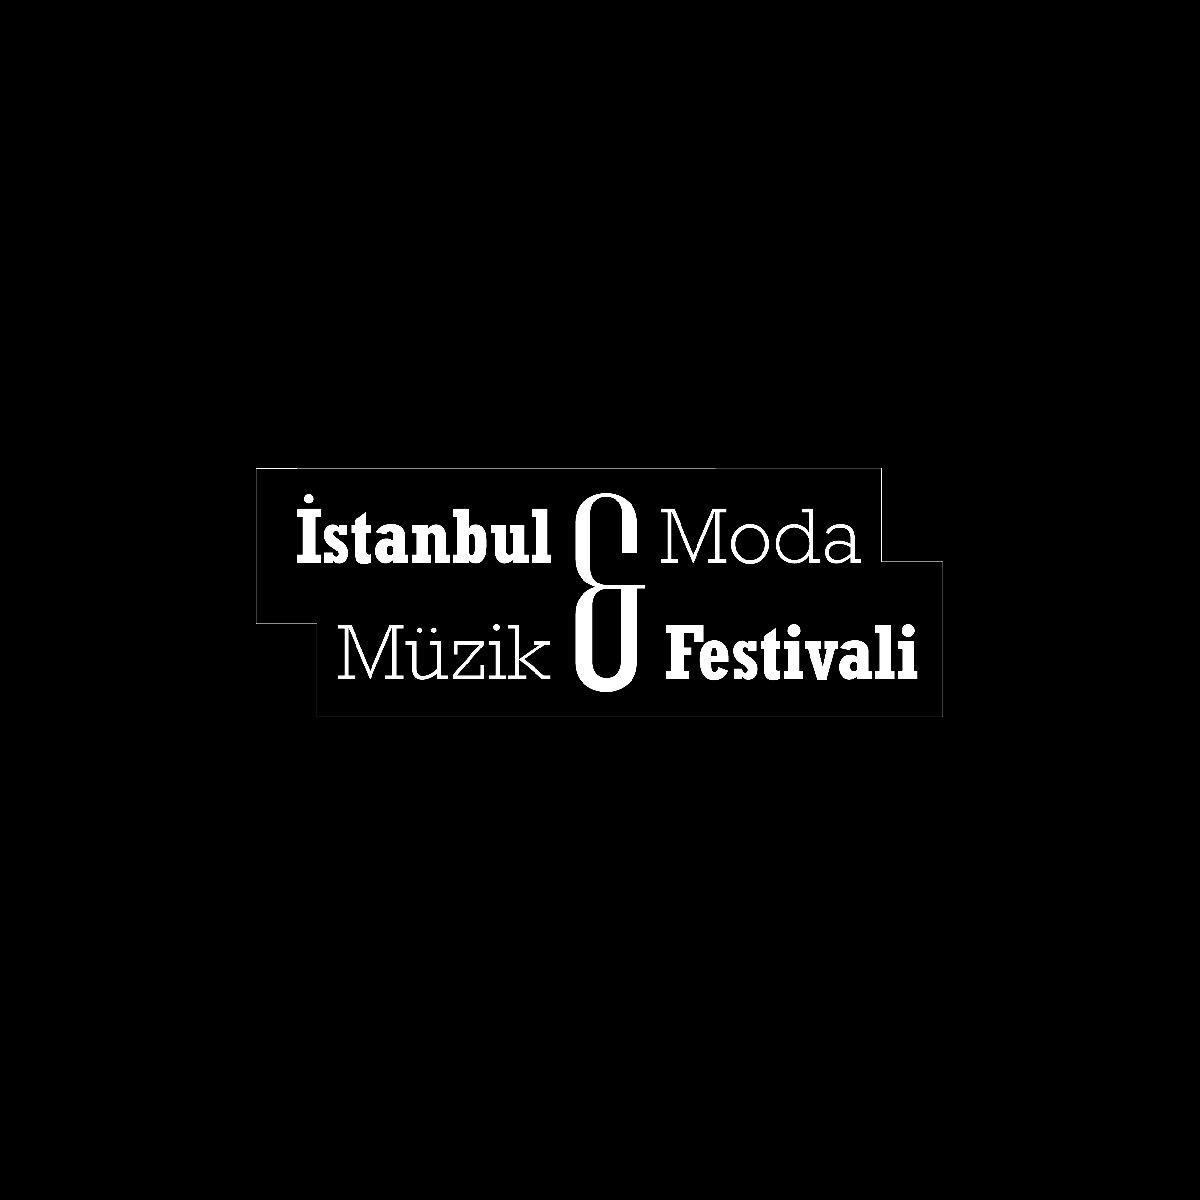 Moda ve Müzik bu festivalde